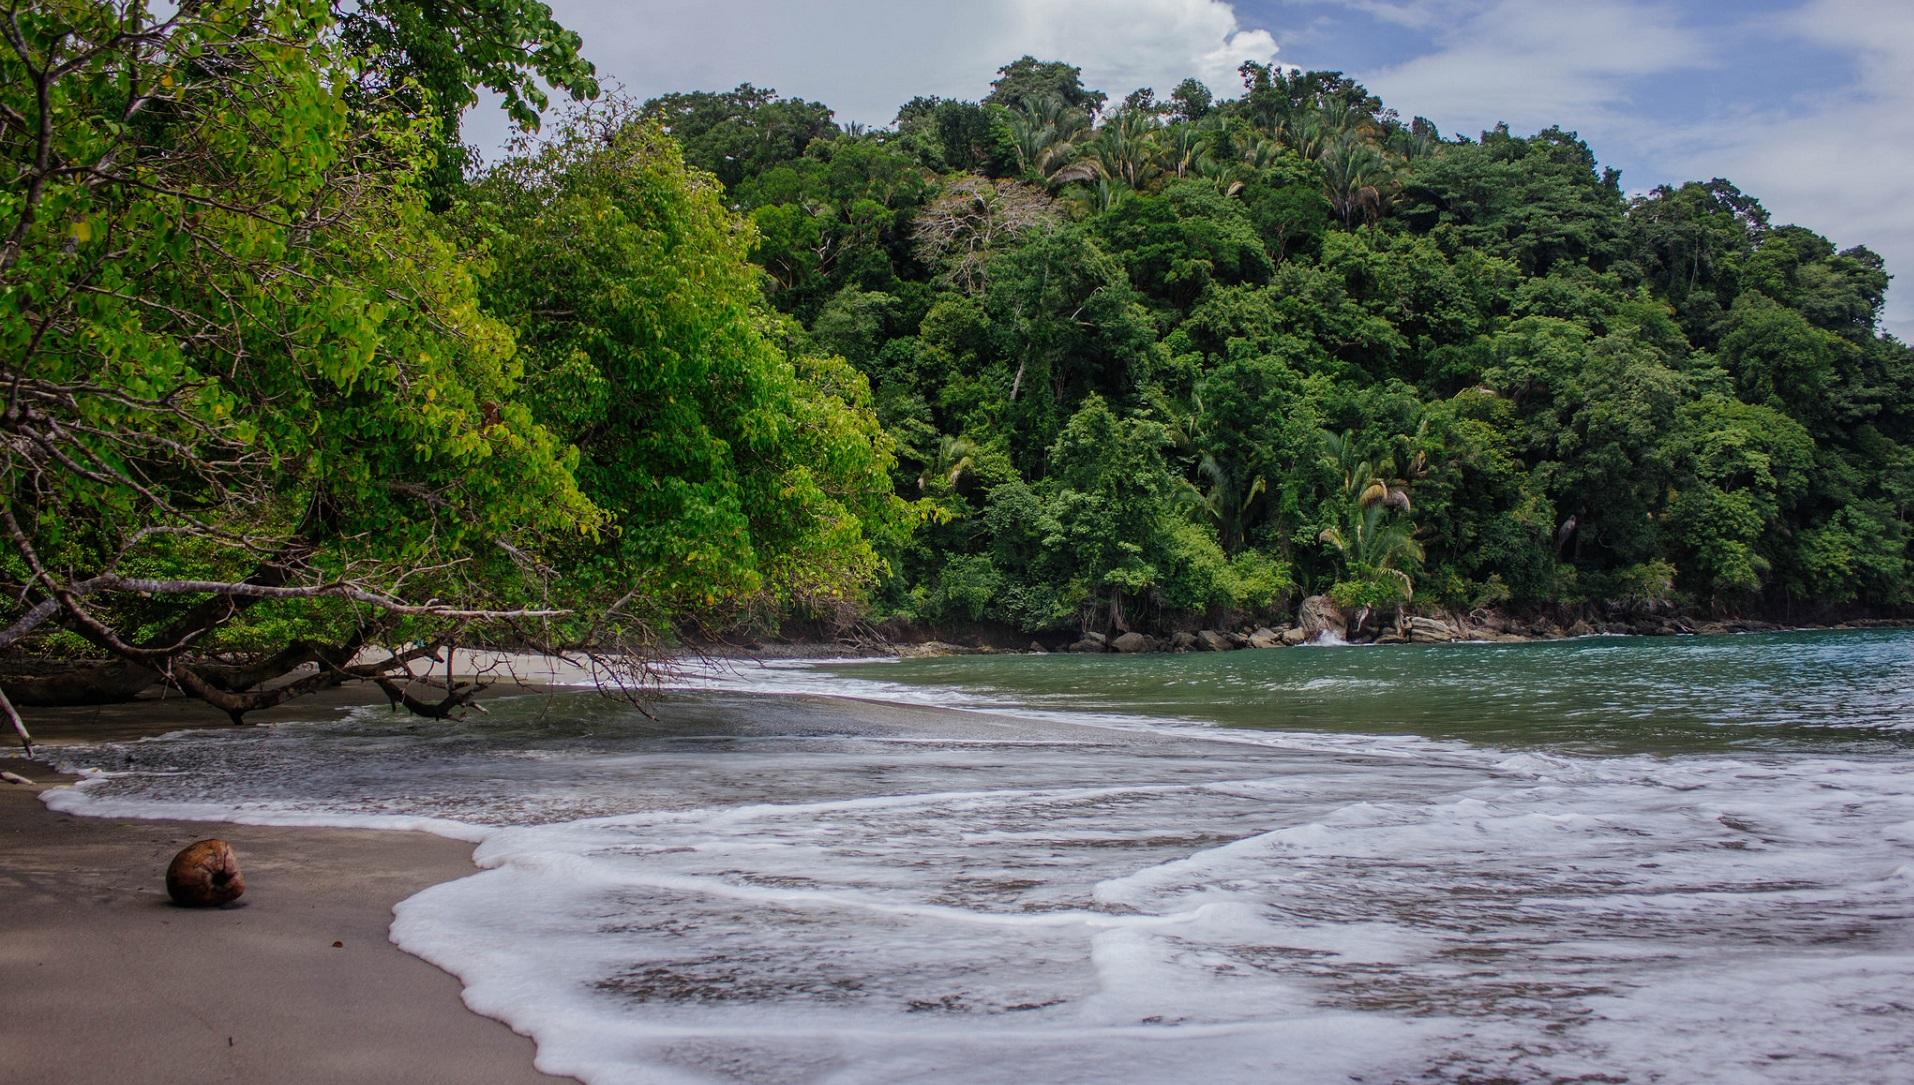 El caso de Costa Rica: las renovables cubren el 99,62% de las necesidades energéticas